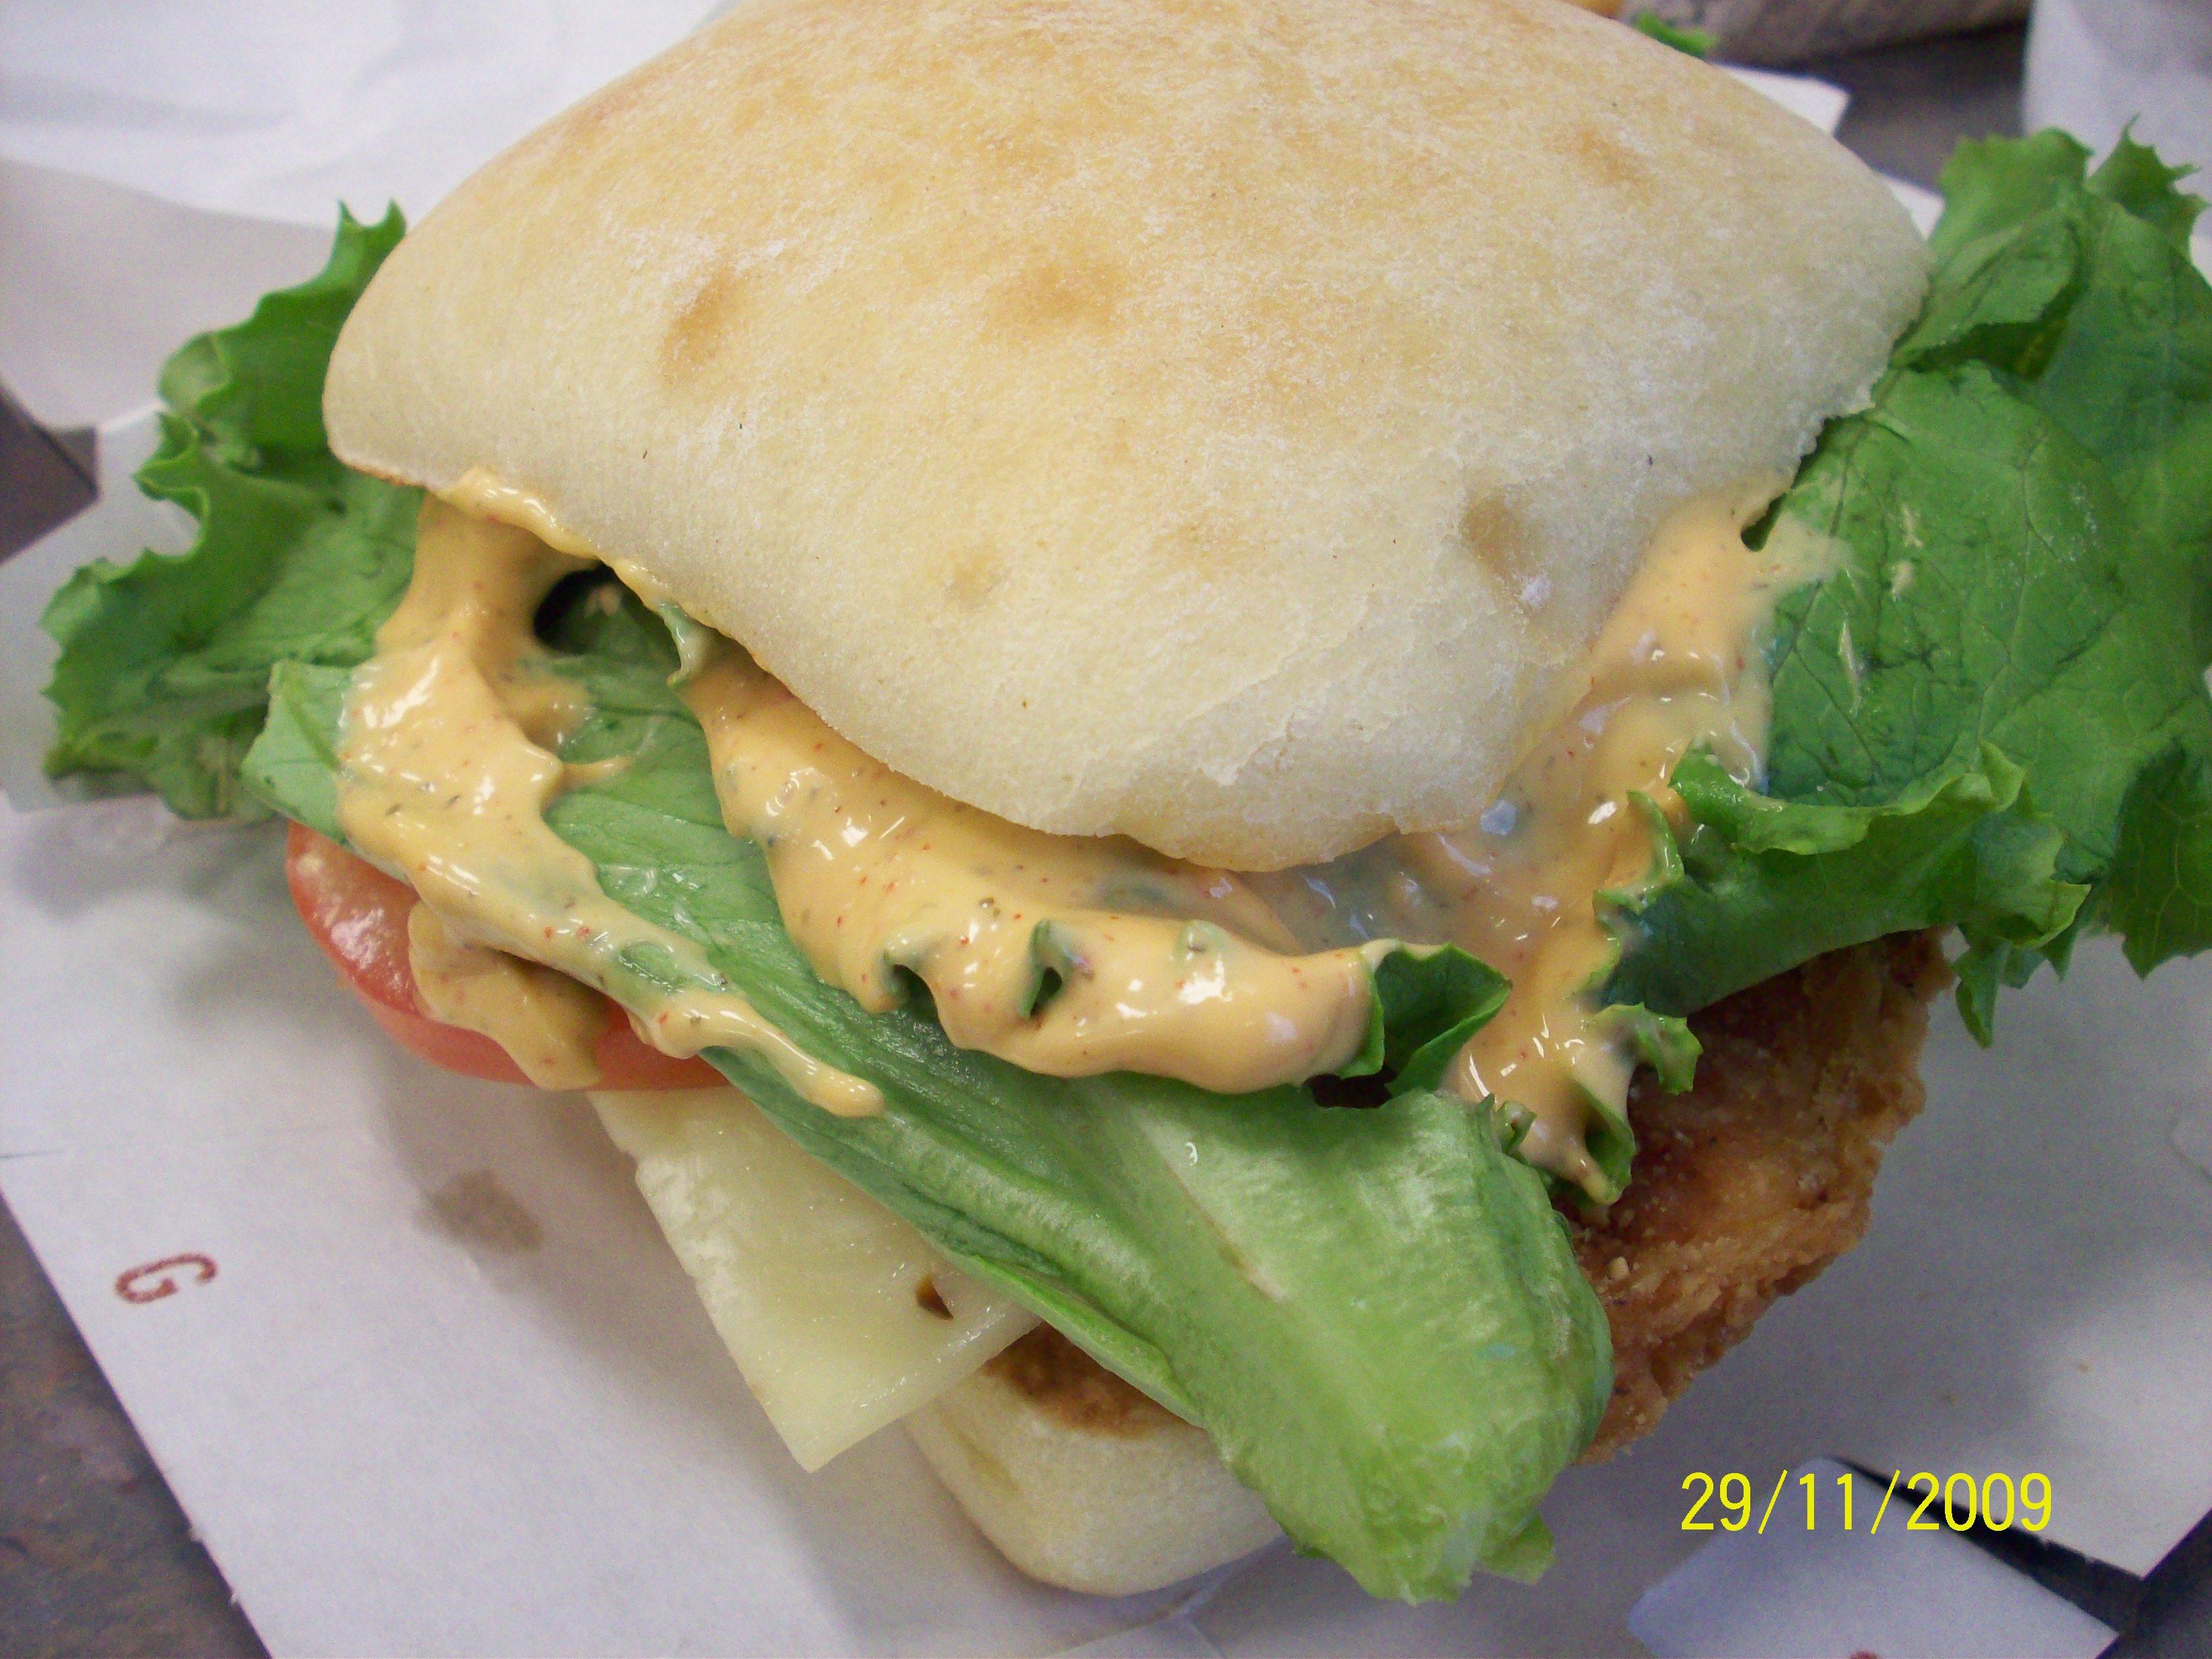 http://foodloader.net/cutie_2009-11-29_Crispy_McChicken_Sandwich.jpg